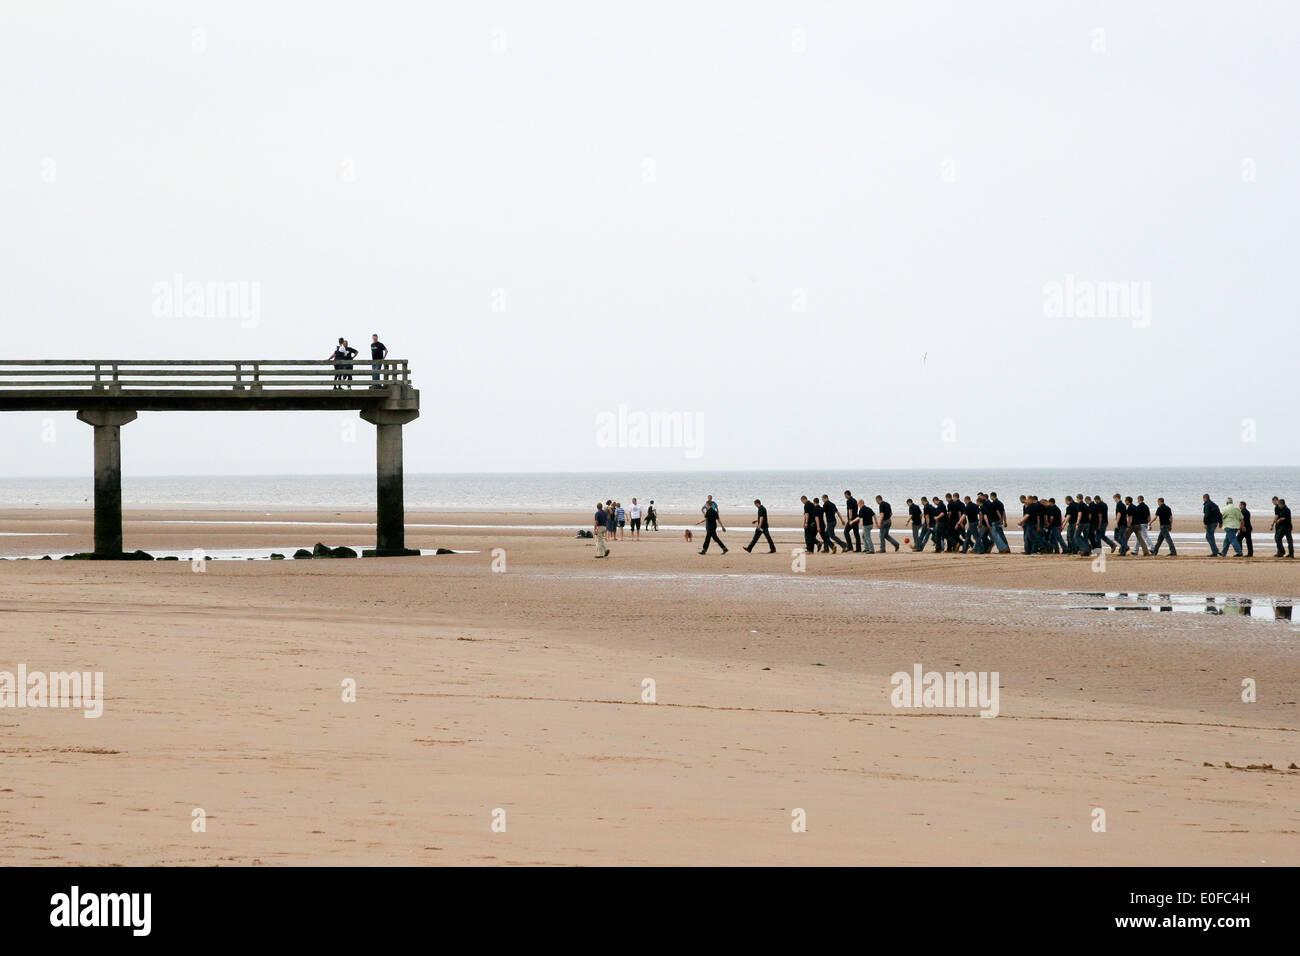 La playa de Omaha, Normandía, Francia. Antiguo muelle en la playa de Omaha en la marea baja. Muestra un grupo del ejército francés caminando cerca del muelle. Foto de stock